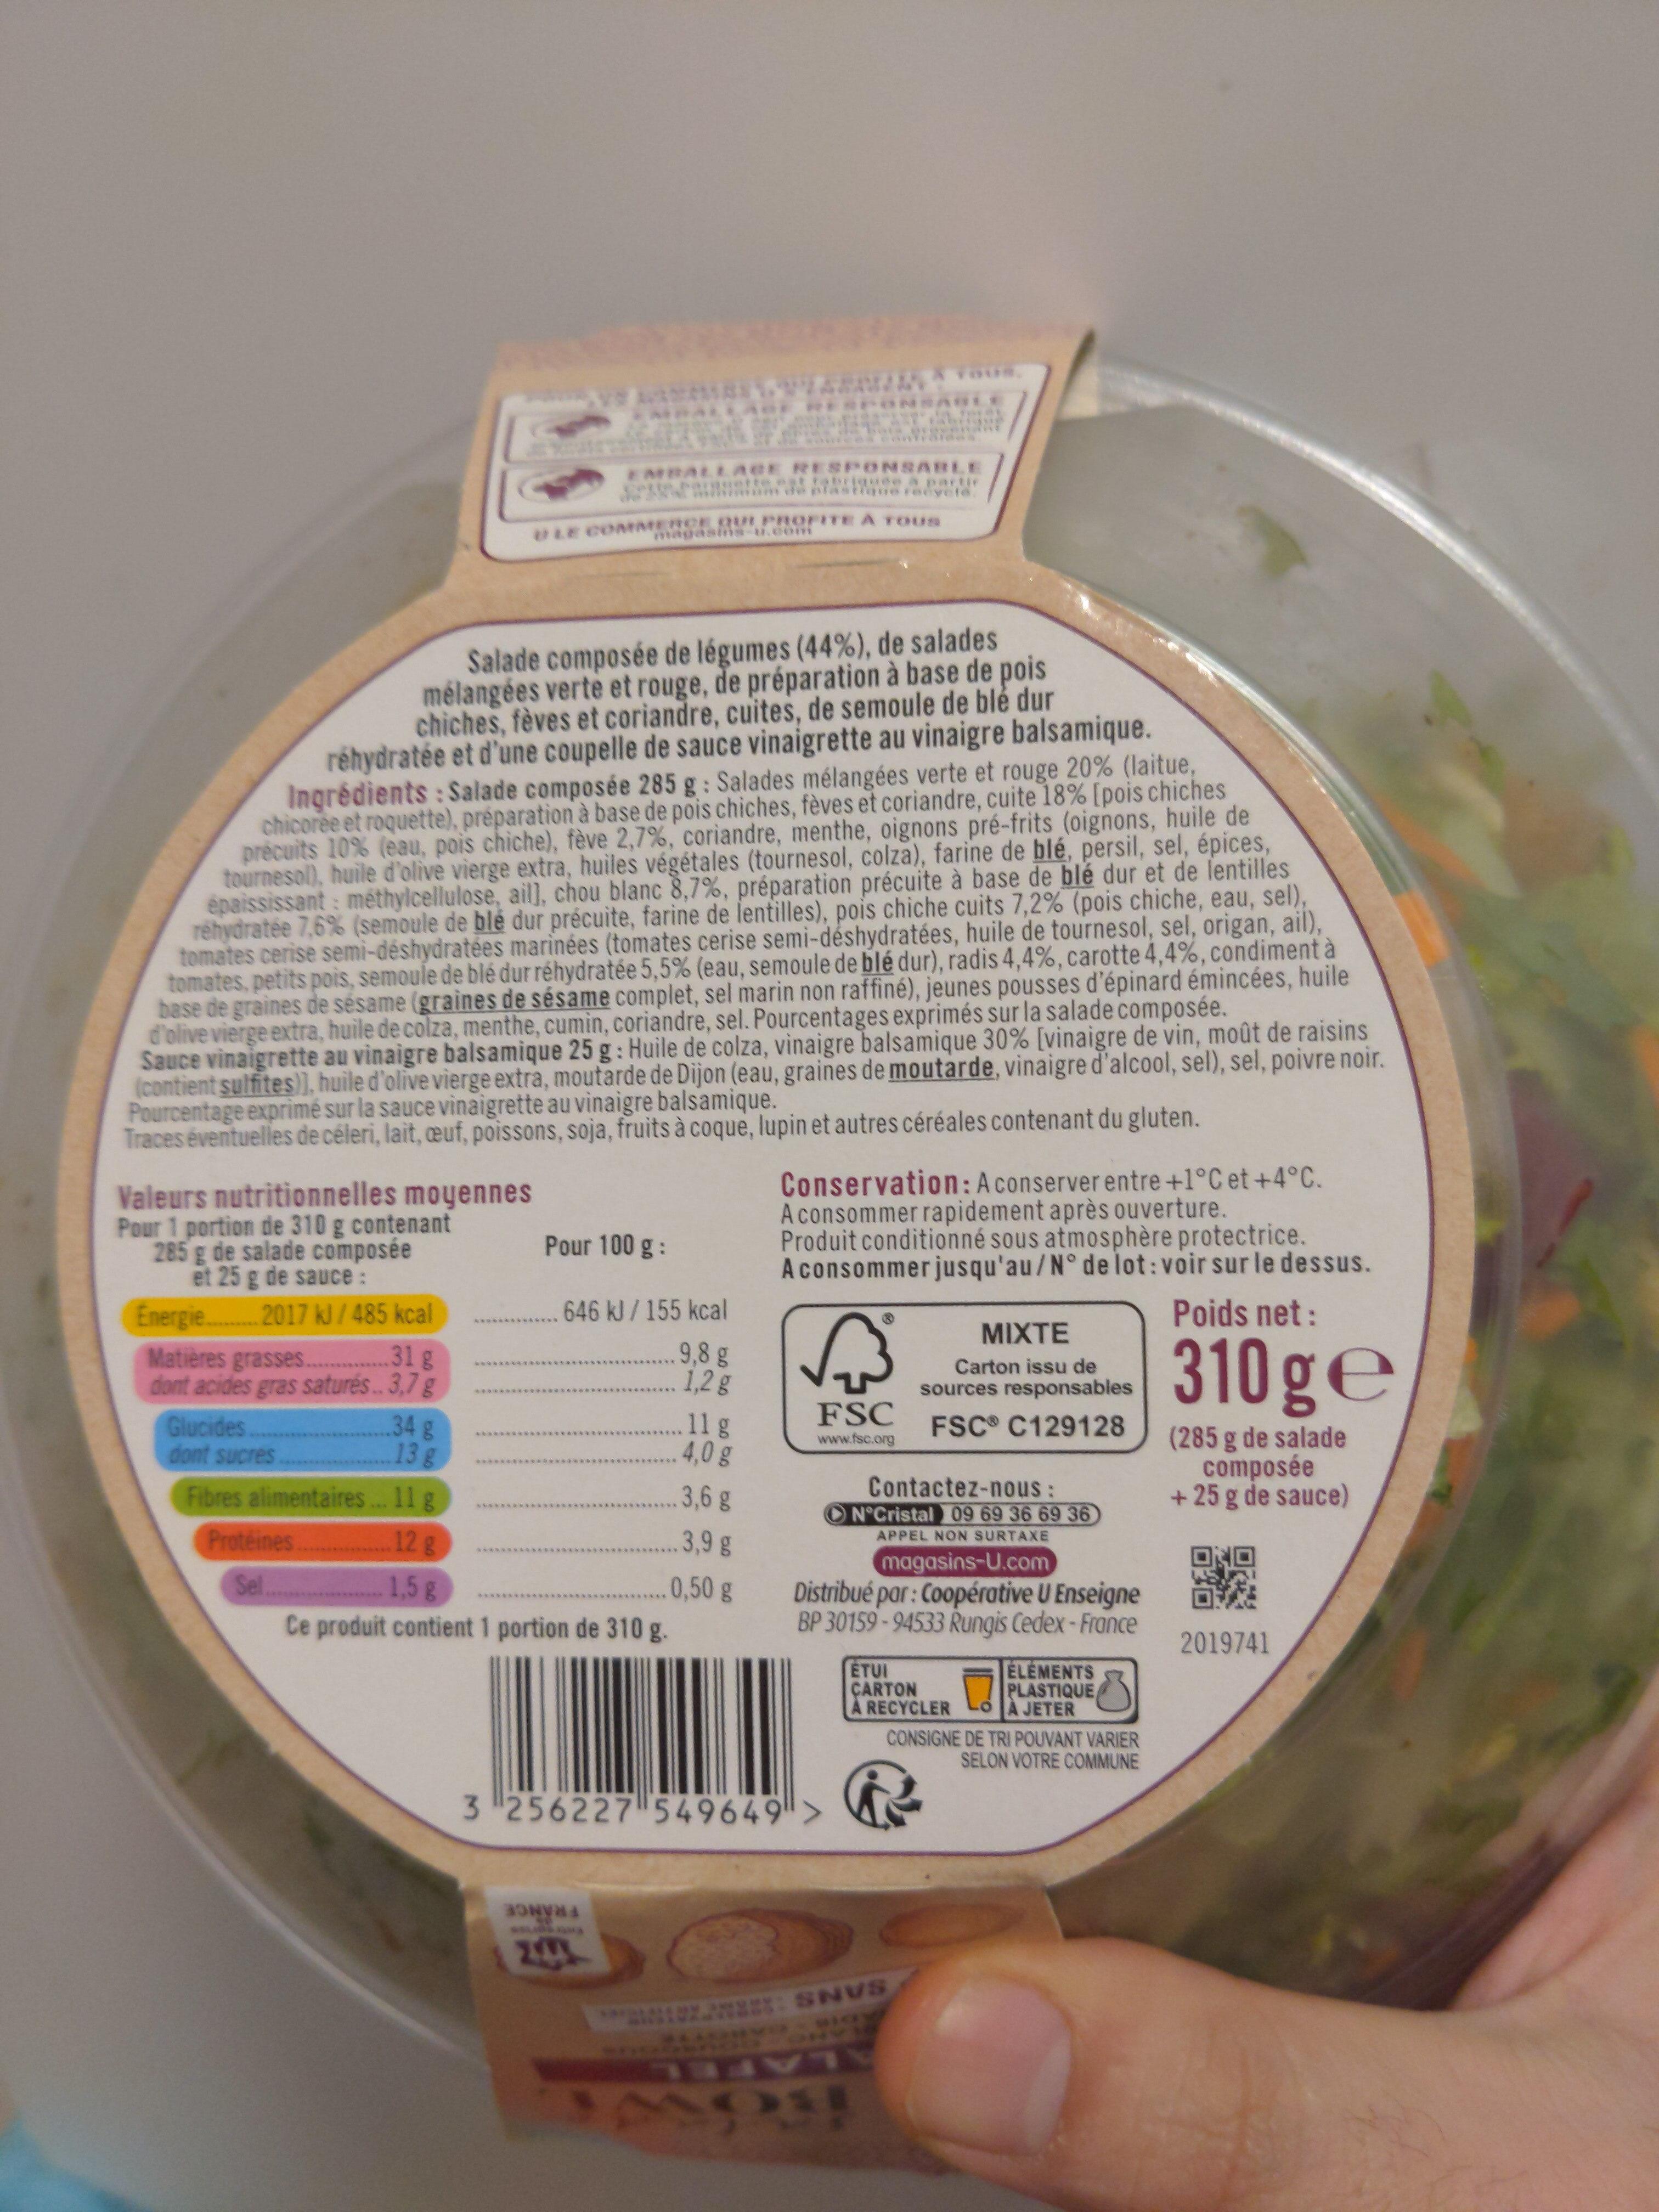 Buddha bowl falafels composé de légumes, salades verte et rouge, une préparation à base de pois chiche, fèves et coriandre, semoule de couscous réhydratée - Recycling instructions and/or packaging information - fr